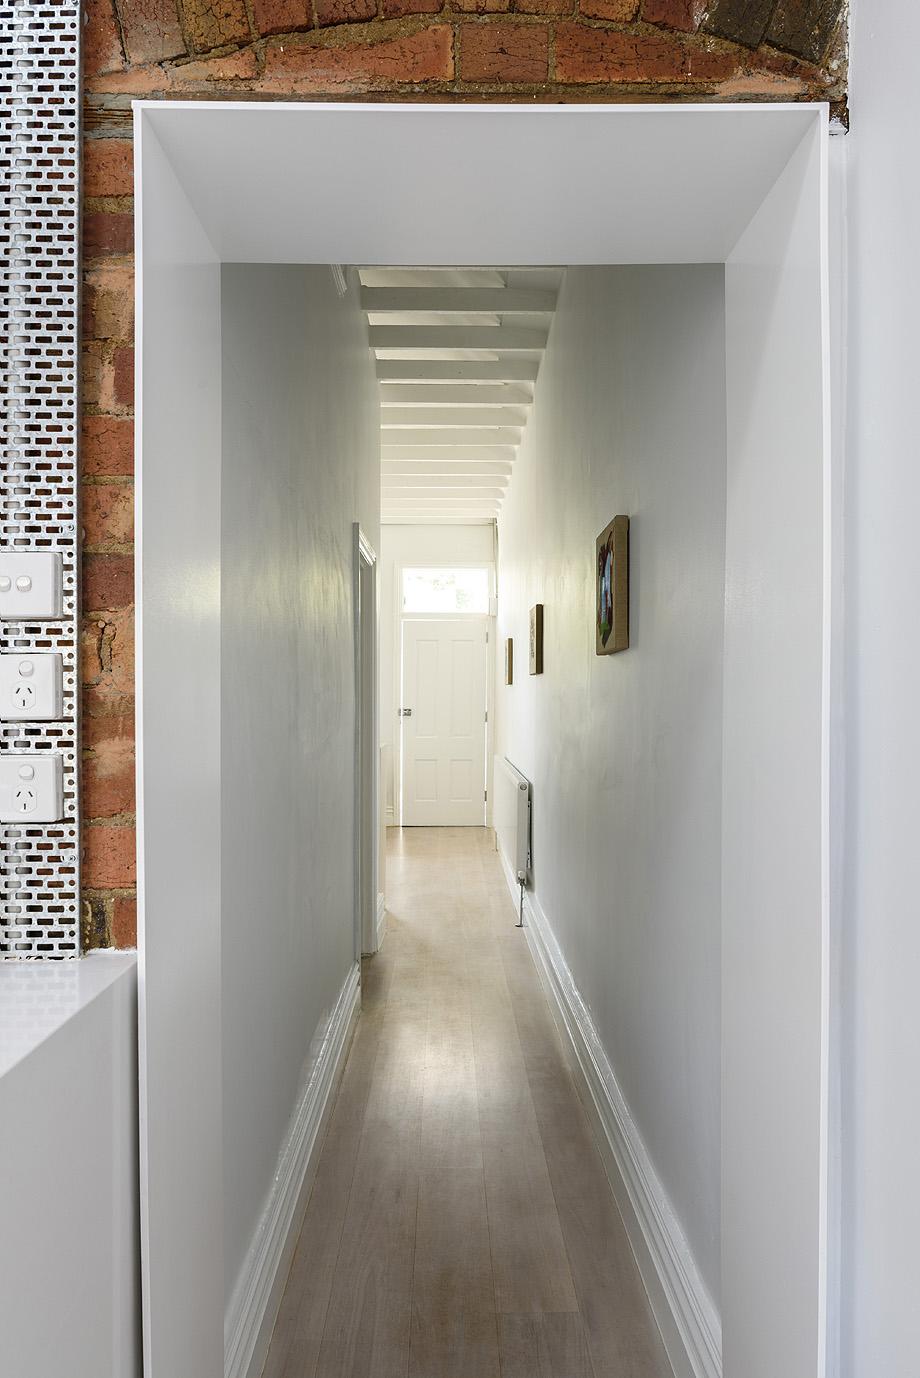 curtain cottage de studio apparte (8)